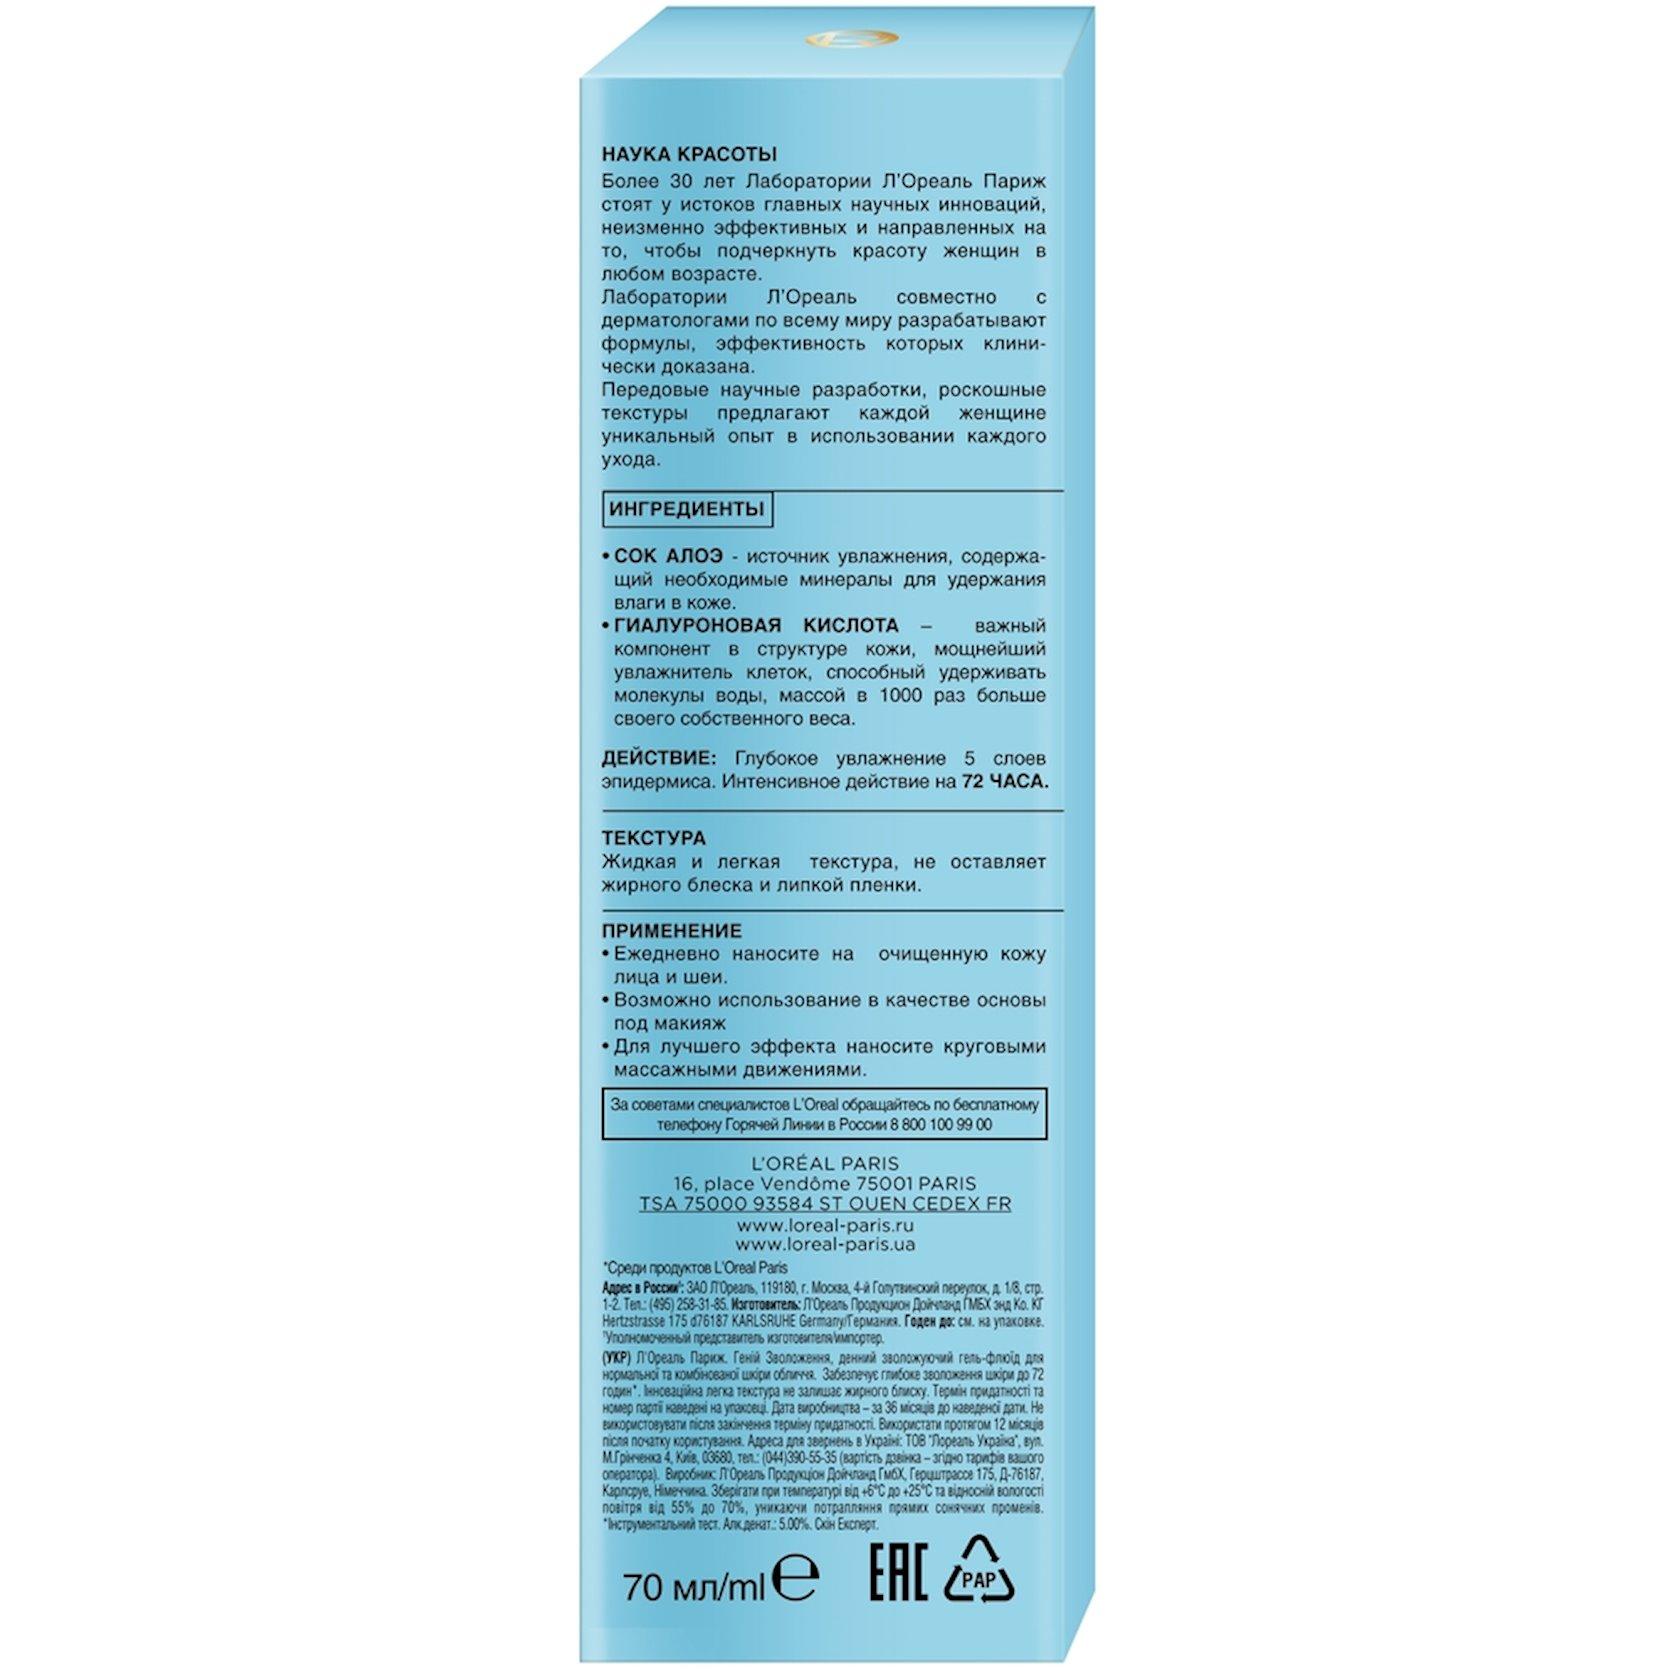 Üz üçün aqua-fluid L'Oreal Paris Nəmləndirmə dahisi normal və qarışıq tipli dəri üçün, aloe ekstraktı və hialuron turşusu ilə, 70 ml